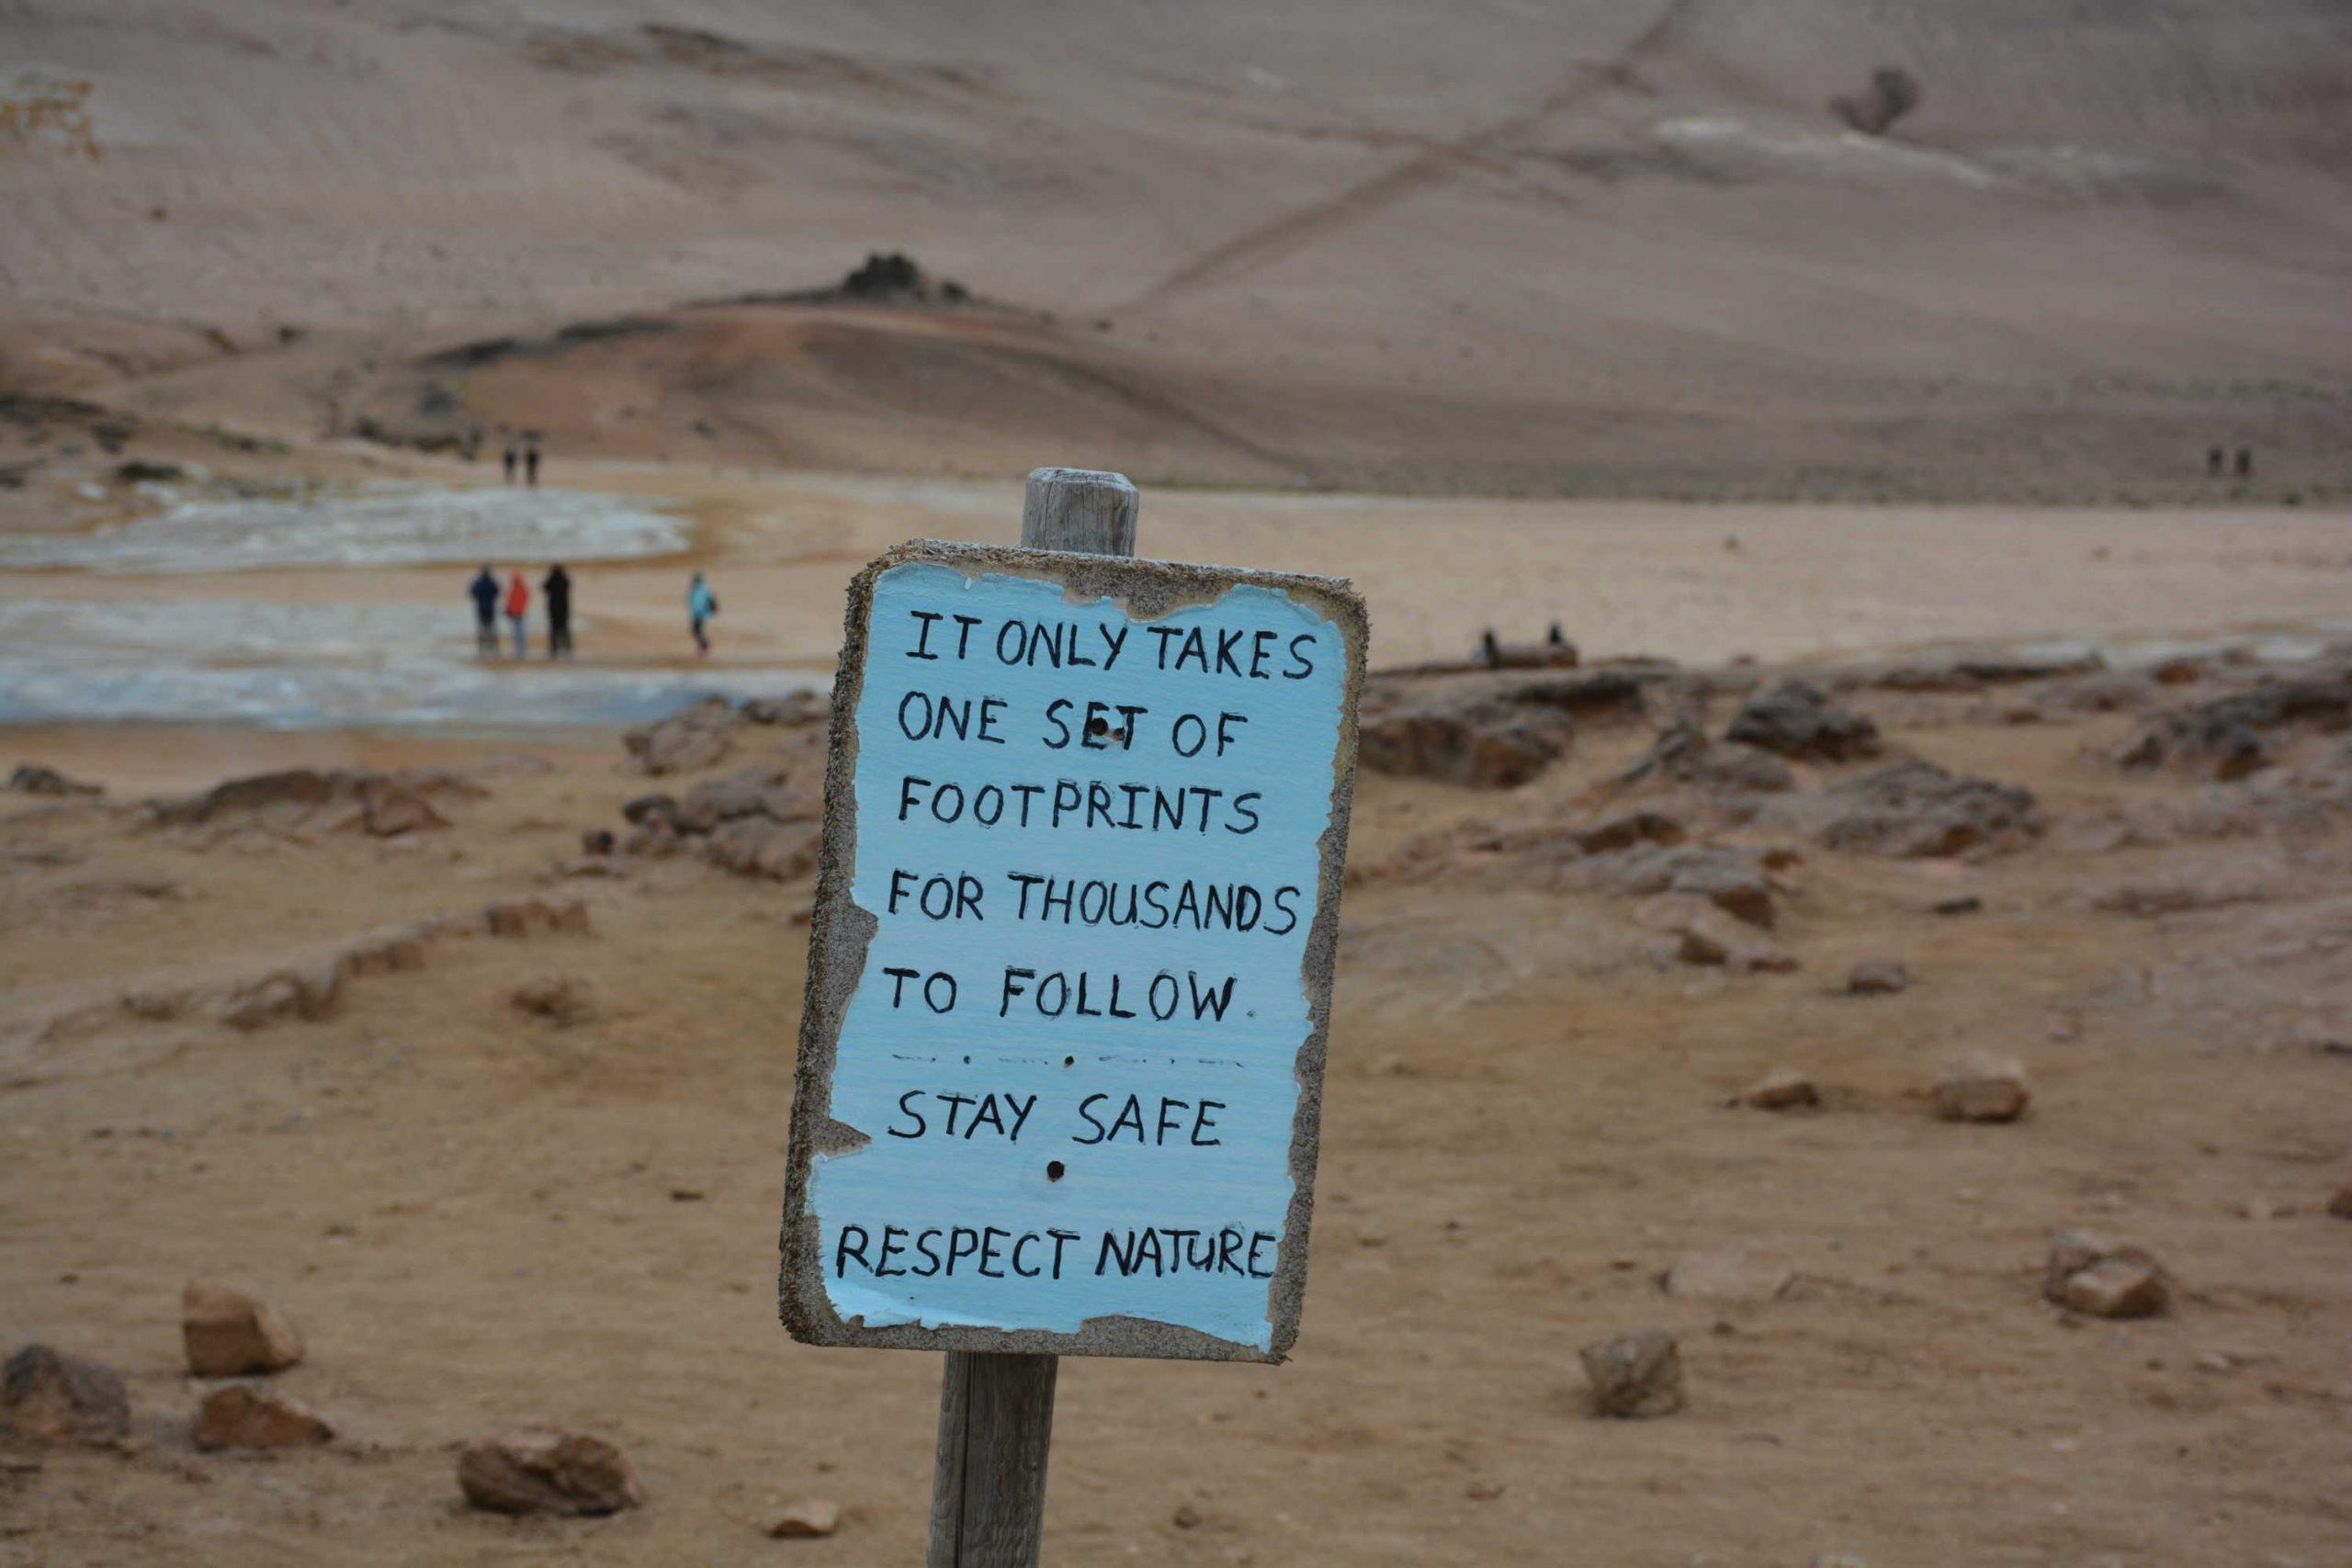 Stačí jeden pár stôp na to aby ich tisícky nasledovali. Zostaňte v bezpečí. Rešpektujte prírodu.